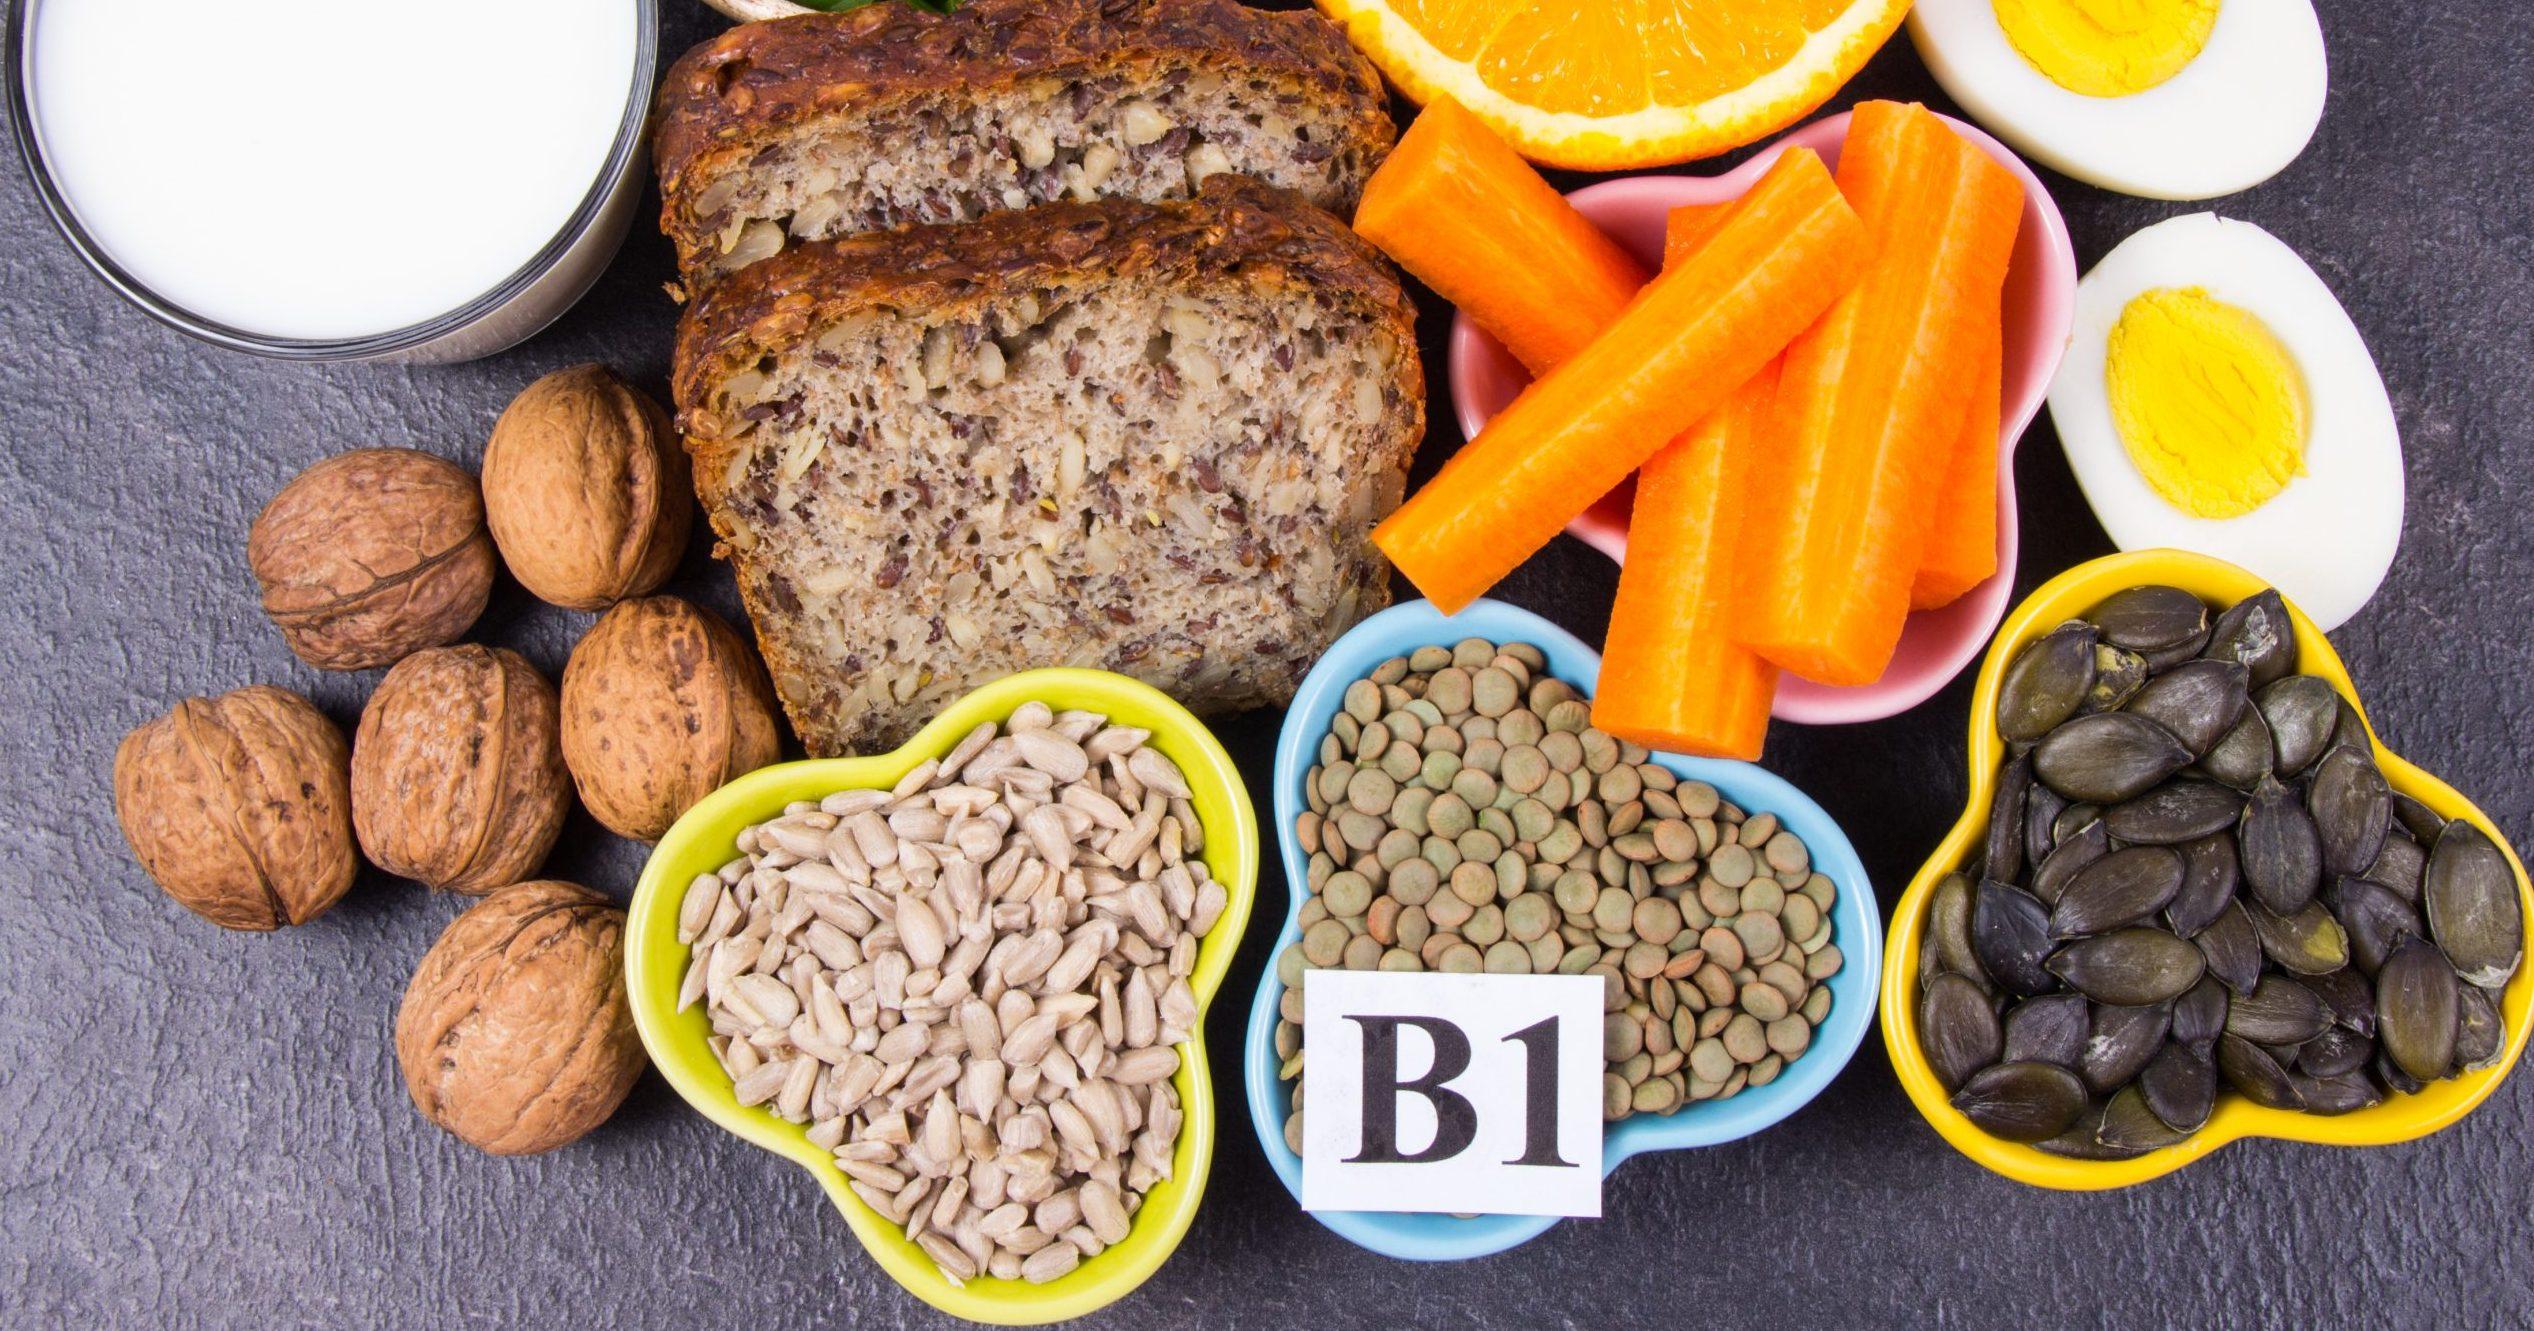 Ingrediënten die vitamine B1 (thiamine) bevatten. Gezond eten concept.